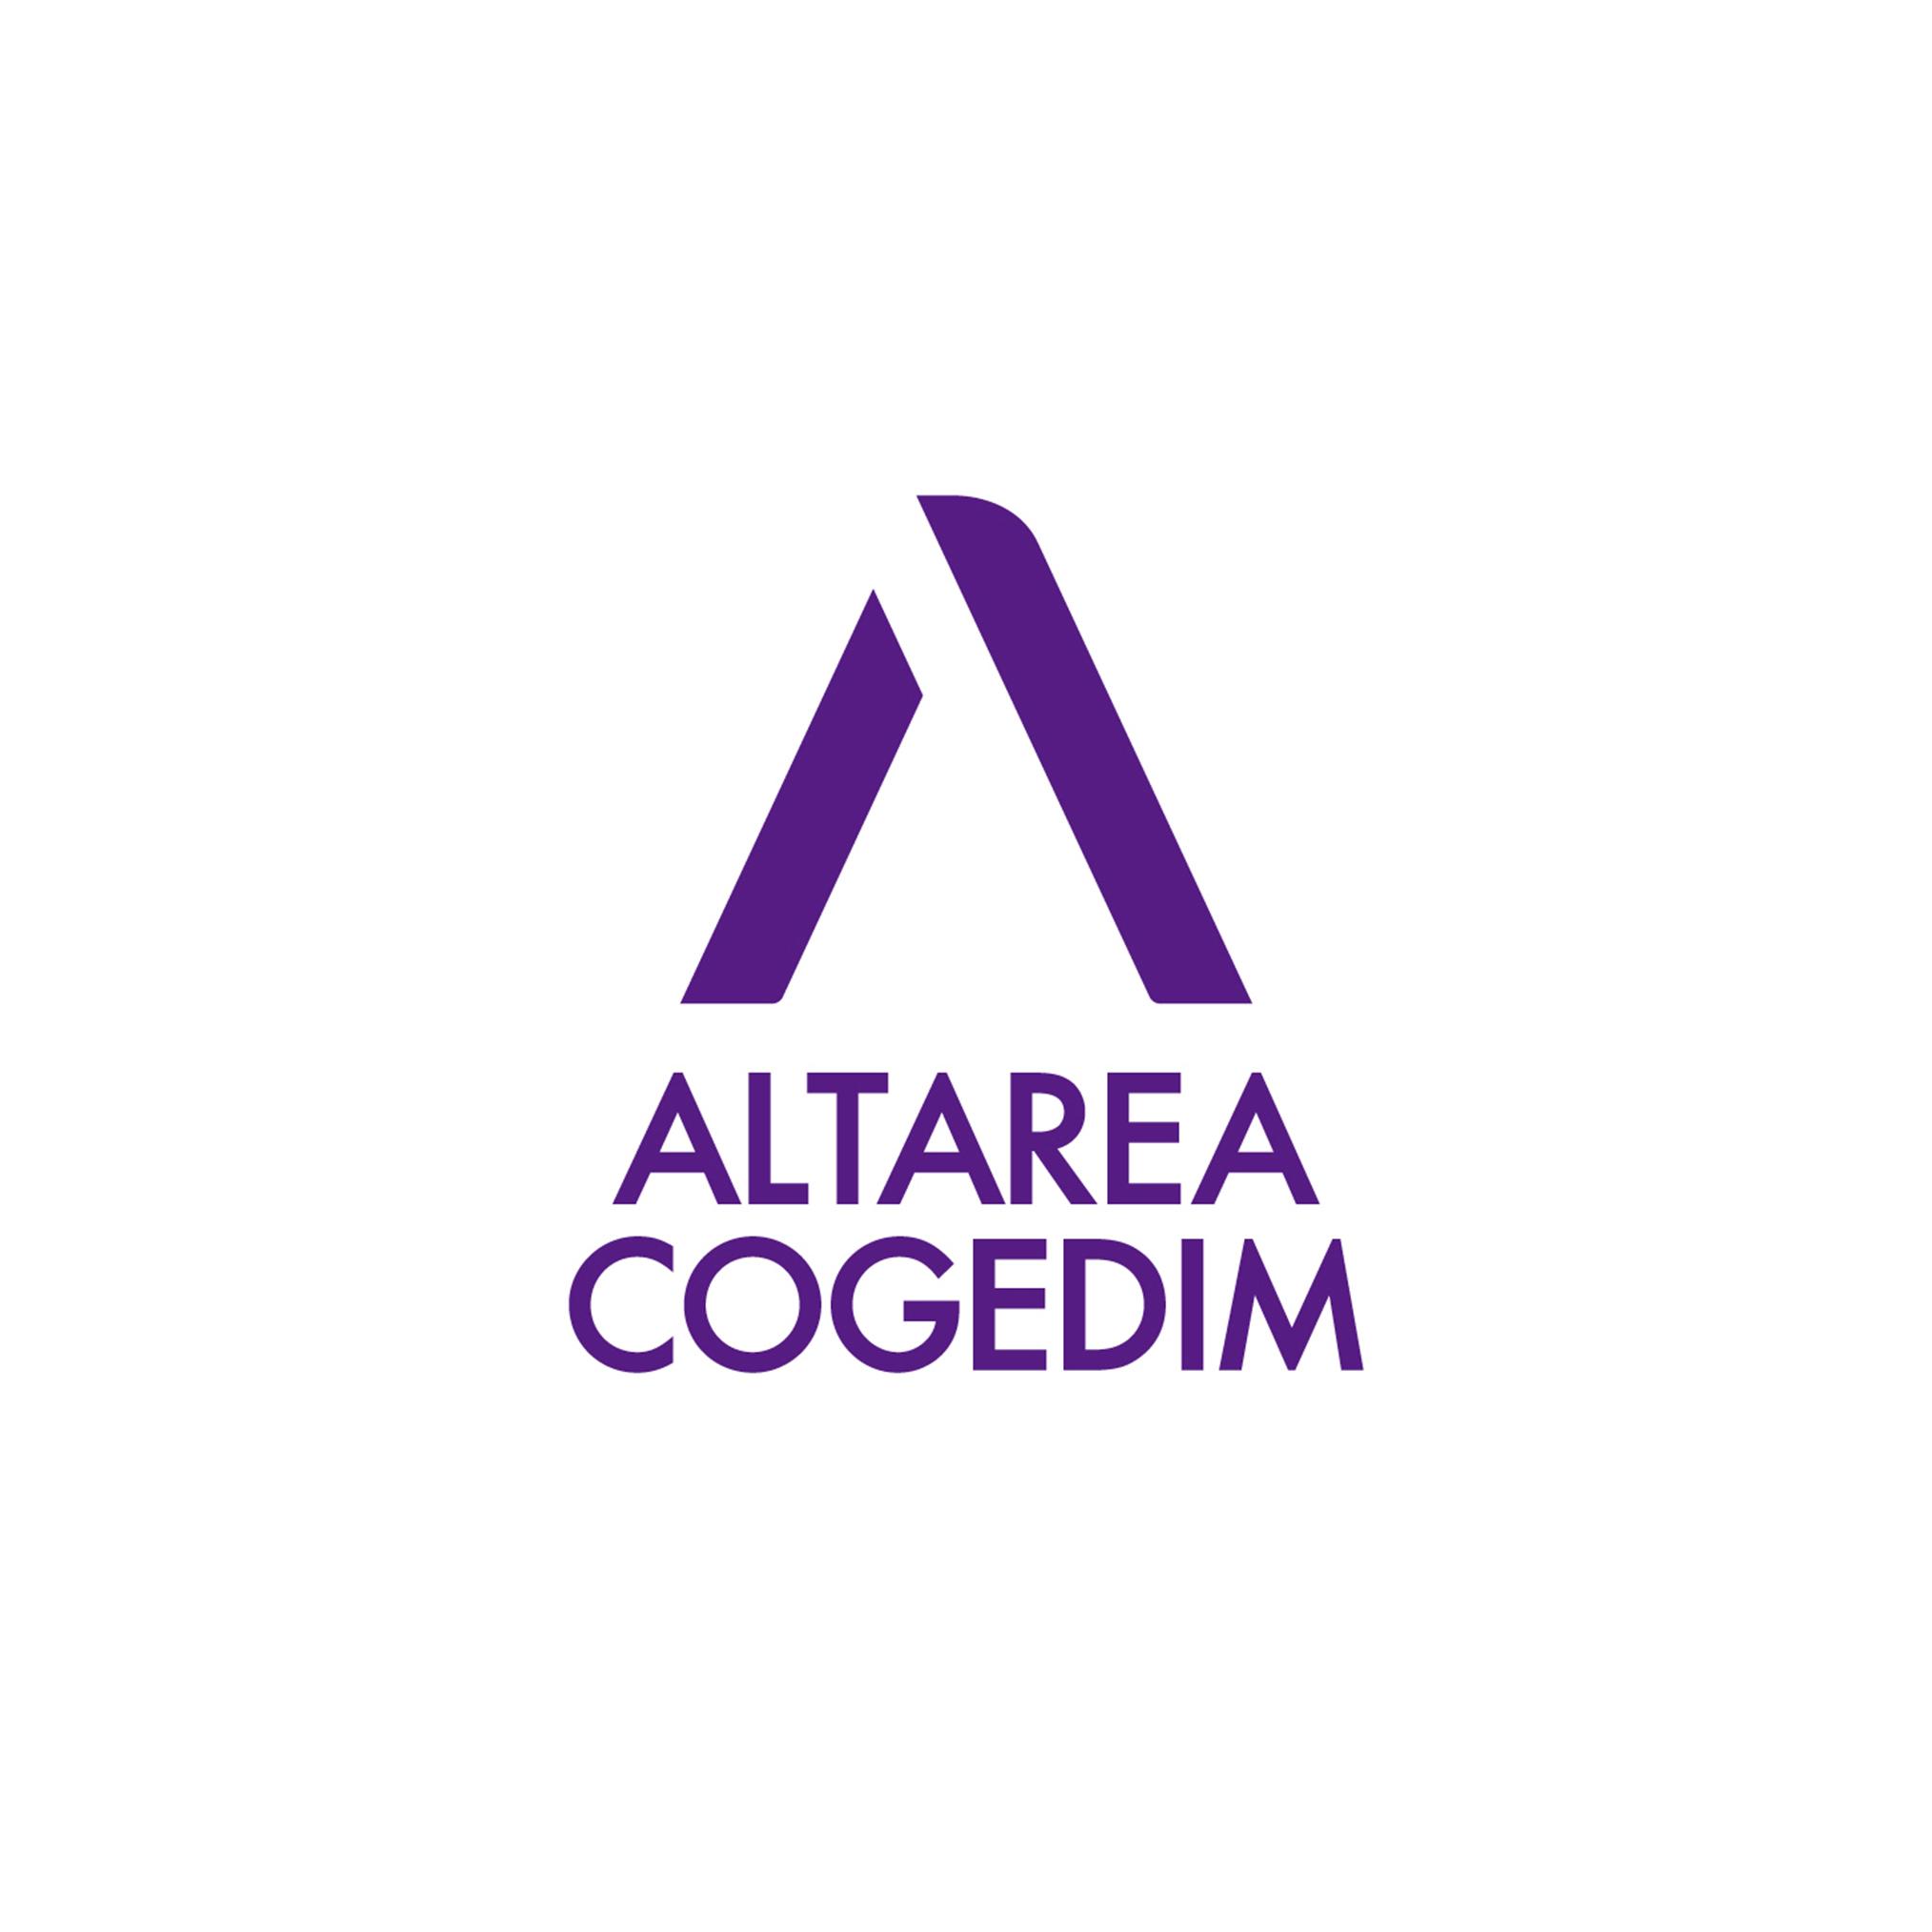 altarea-cogedim-logo